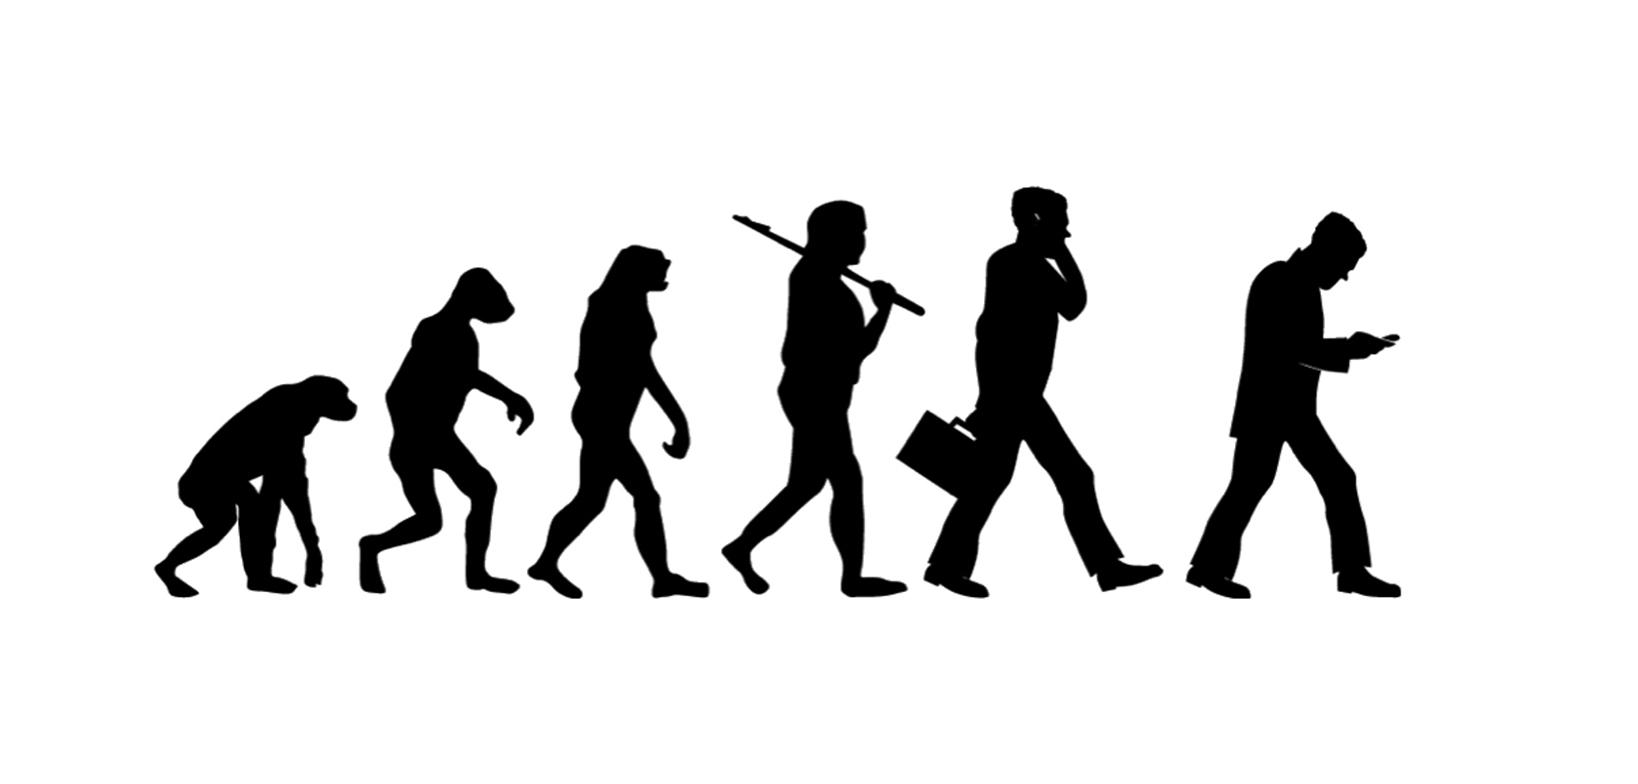 Evoltuion2